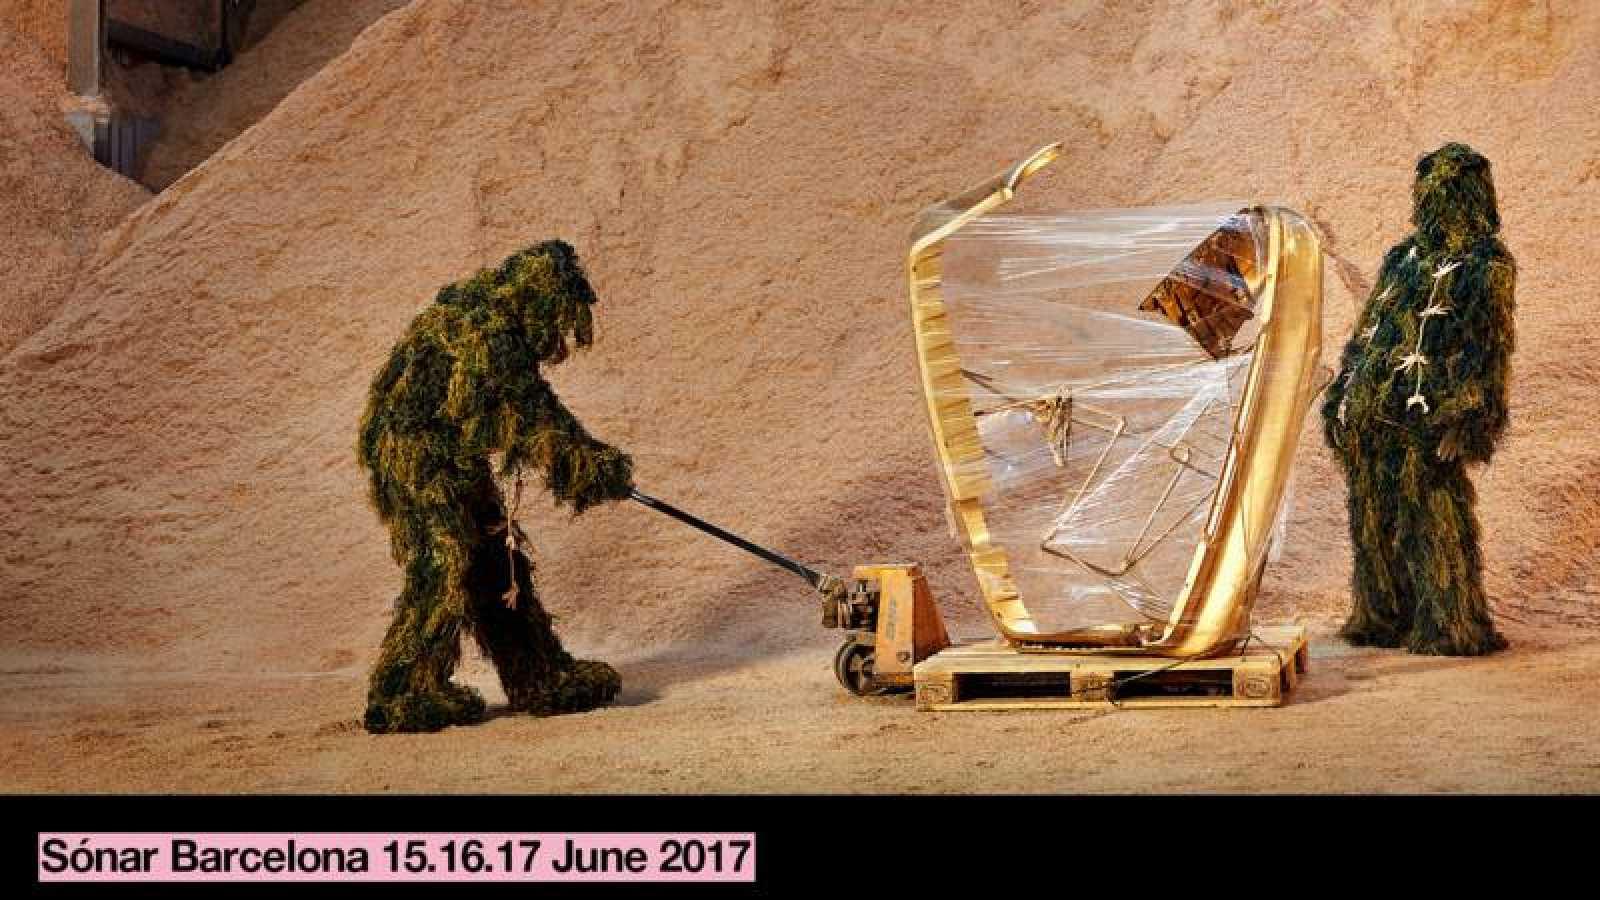 Del 15 al 17 de junio, Sónar volverá en su 24 edición a Barcelona